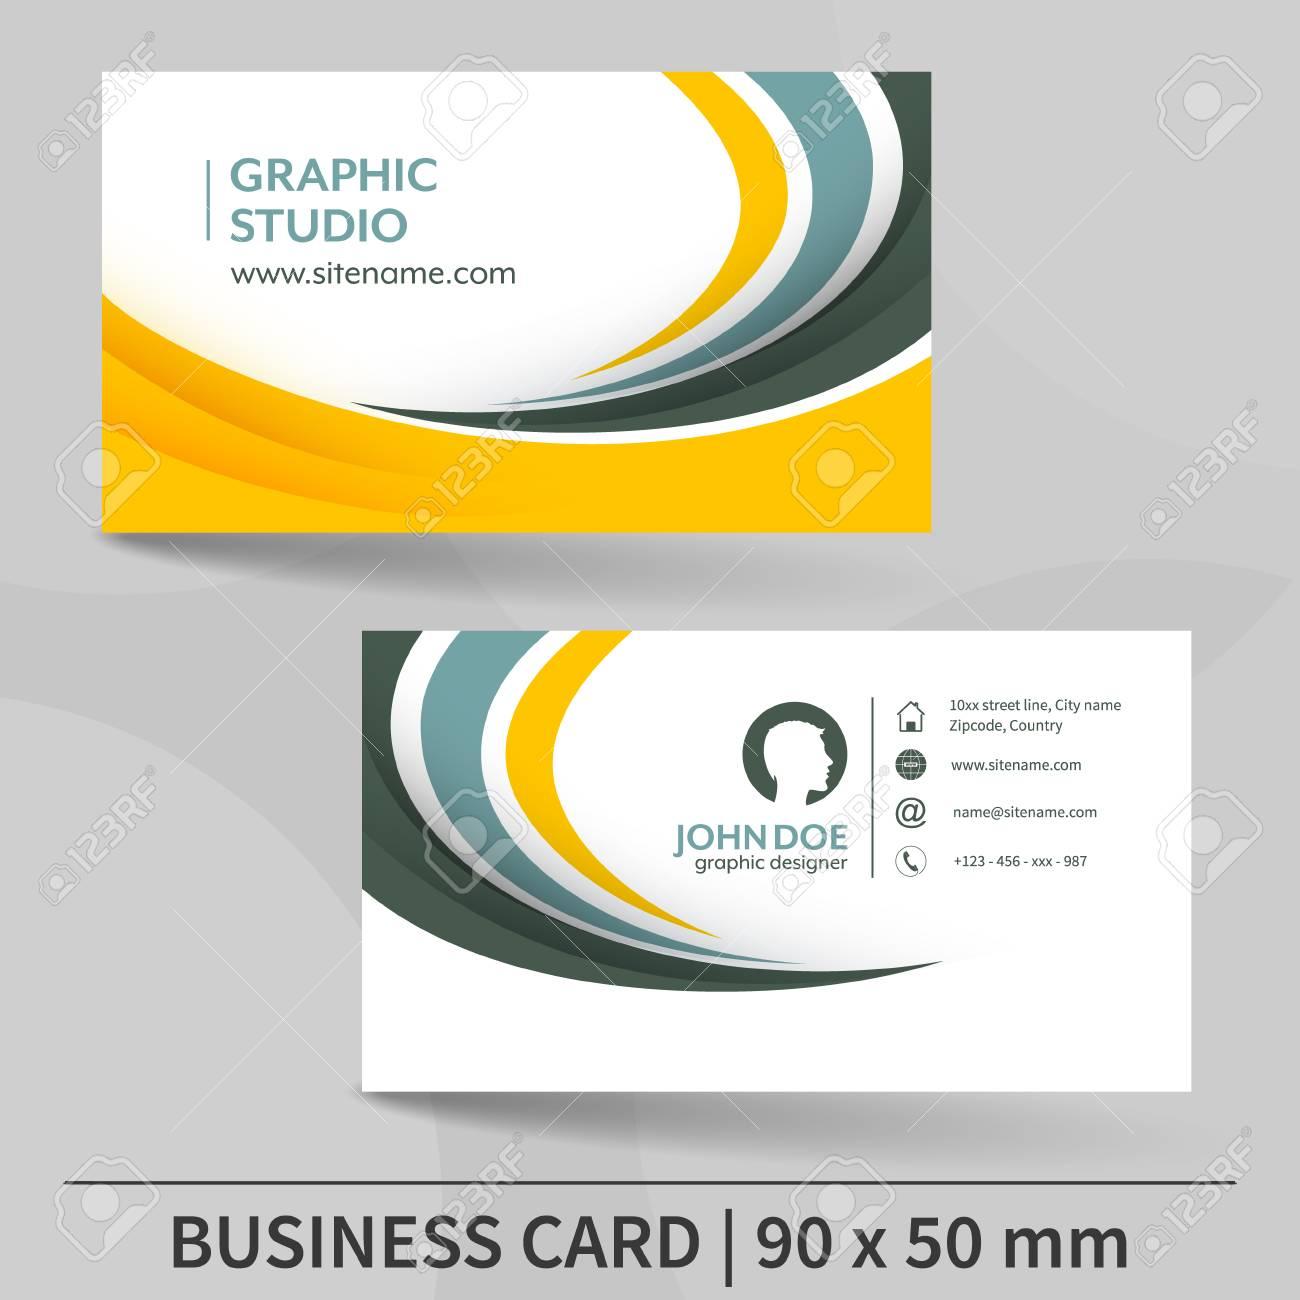 modele de carte de visite conception pour votre presentation individuelle ou commerciale convient pour l impression illustration vectorielle